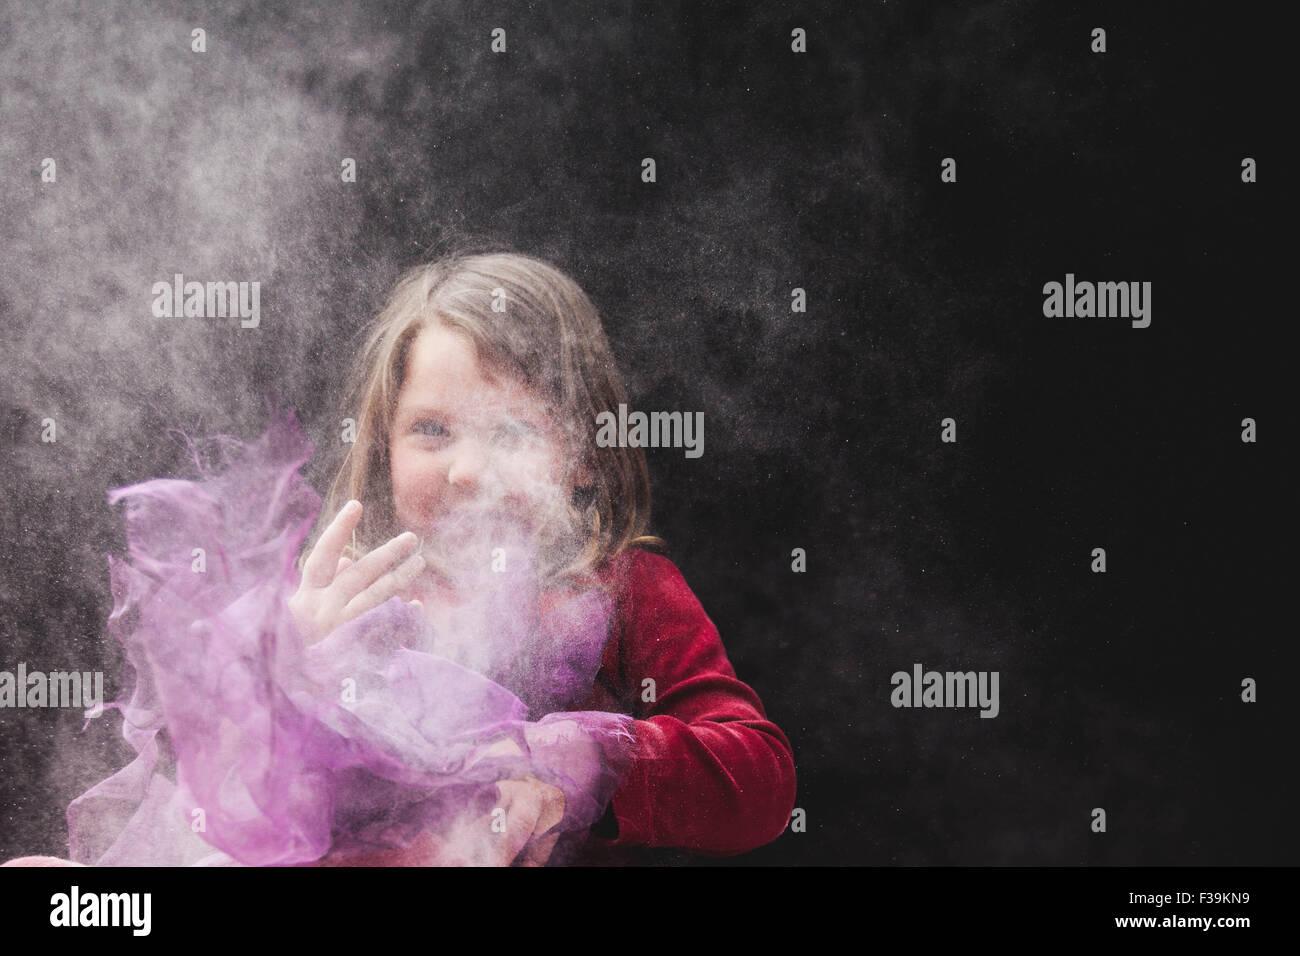 e7ff11423 Una chica en falda de tul jugando en el polvo · RooM the Agency / Alamy  Foto de stock